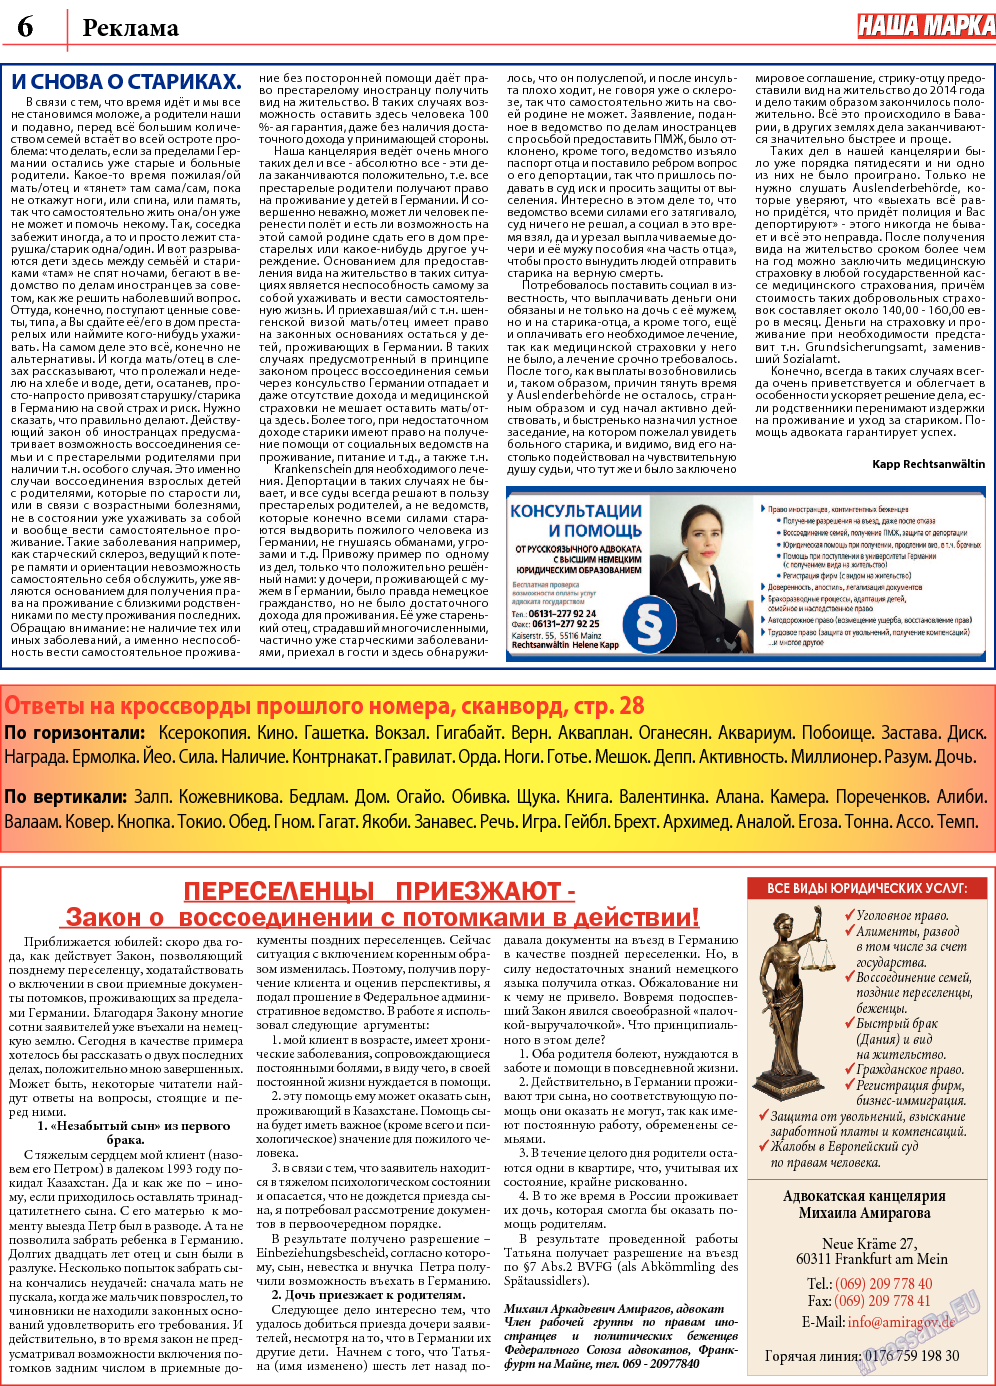 Наша марка (газета). 2013 год, номер 10, стр. 6